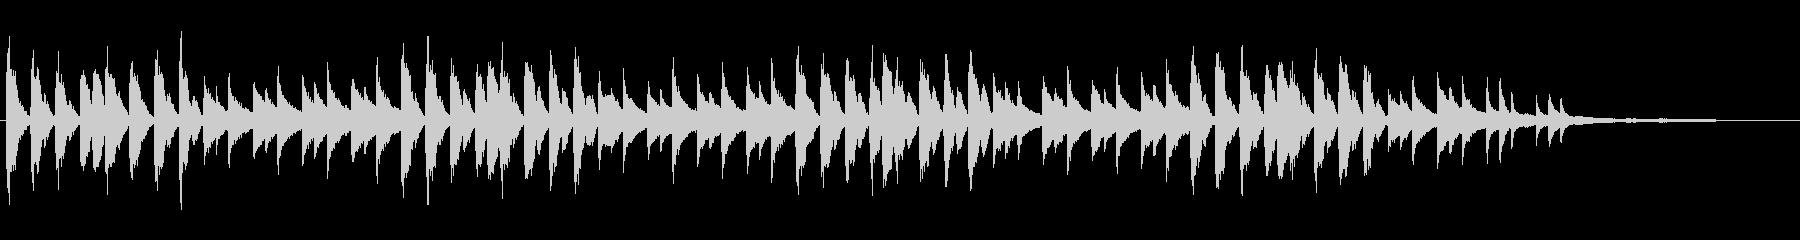 ホラー風ピアノBGMの未再生の波形